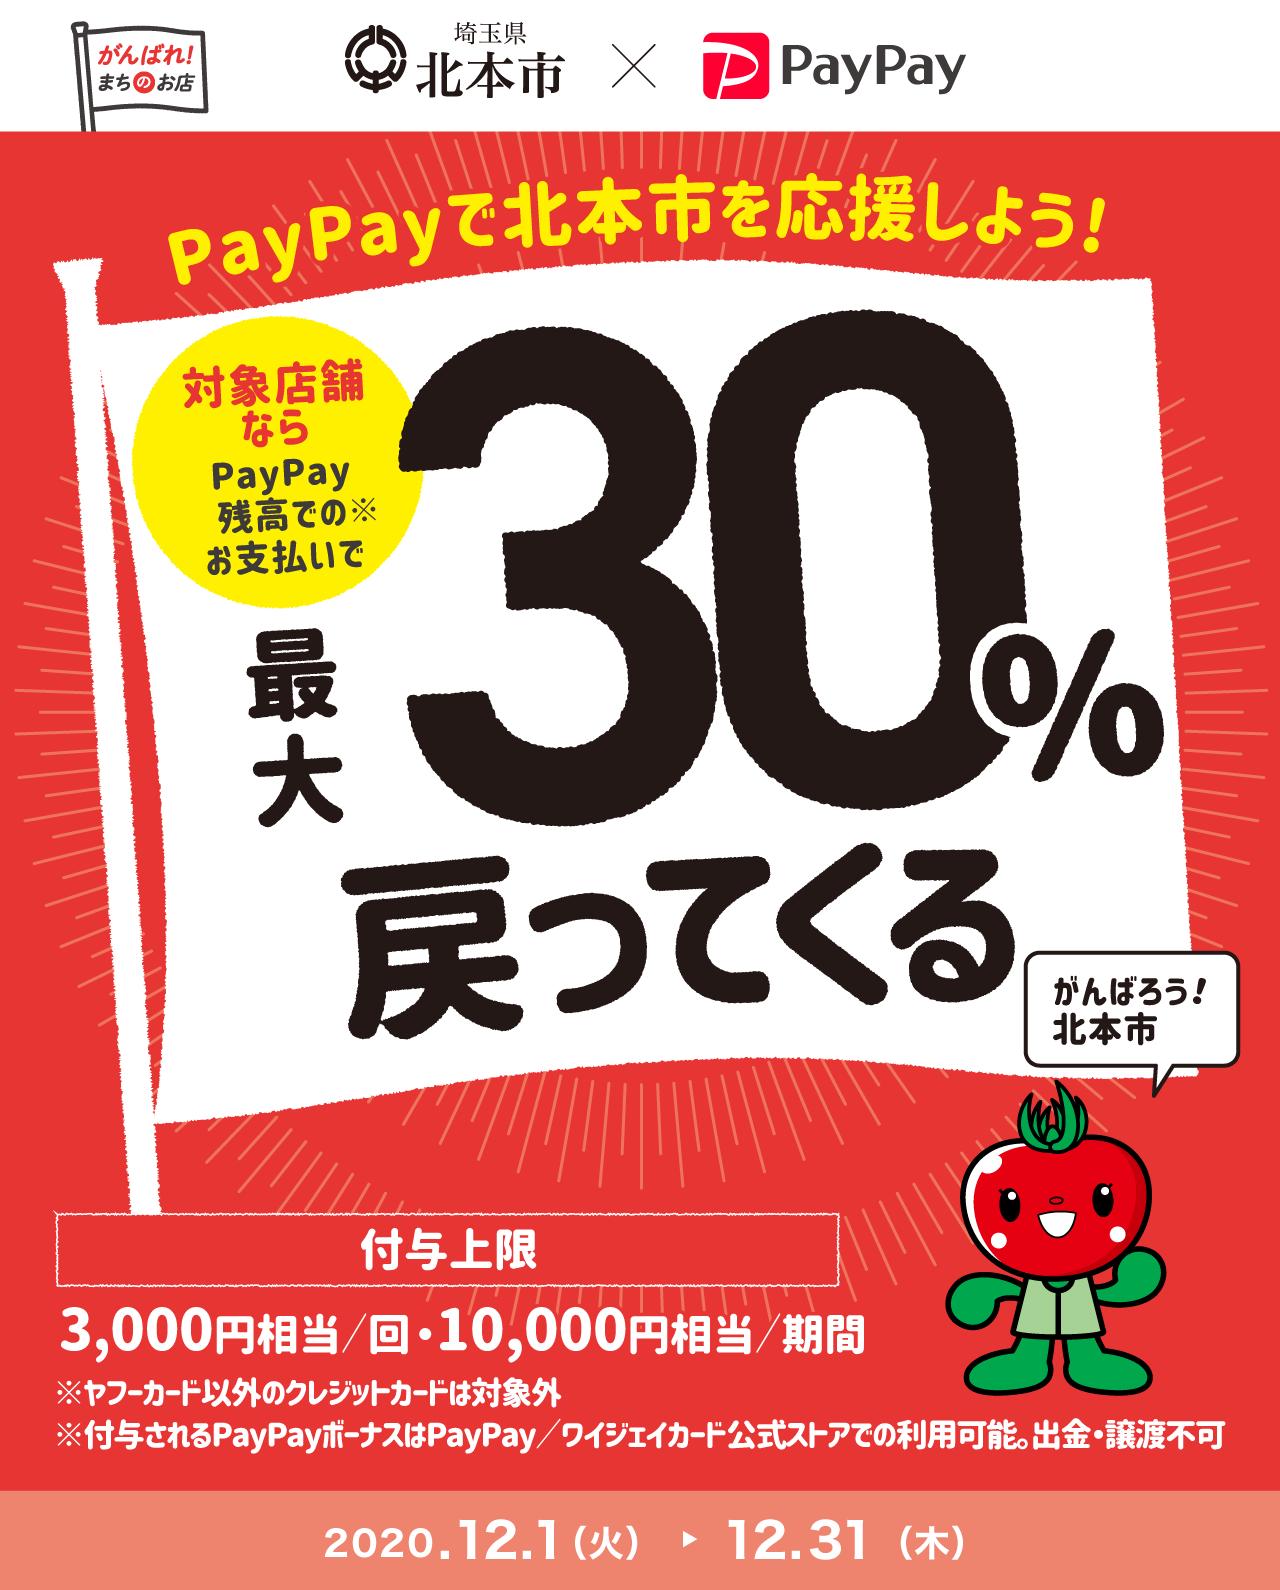 PayPayで北本市を応援しよう! 対象店舗ならPayPay残高でのお支払いで 最大30%戻ってくる